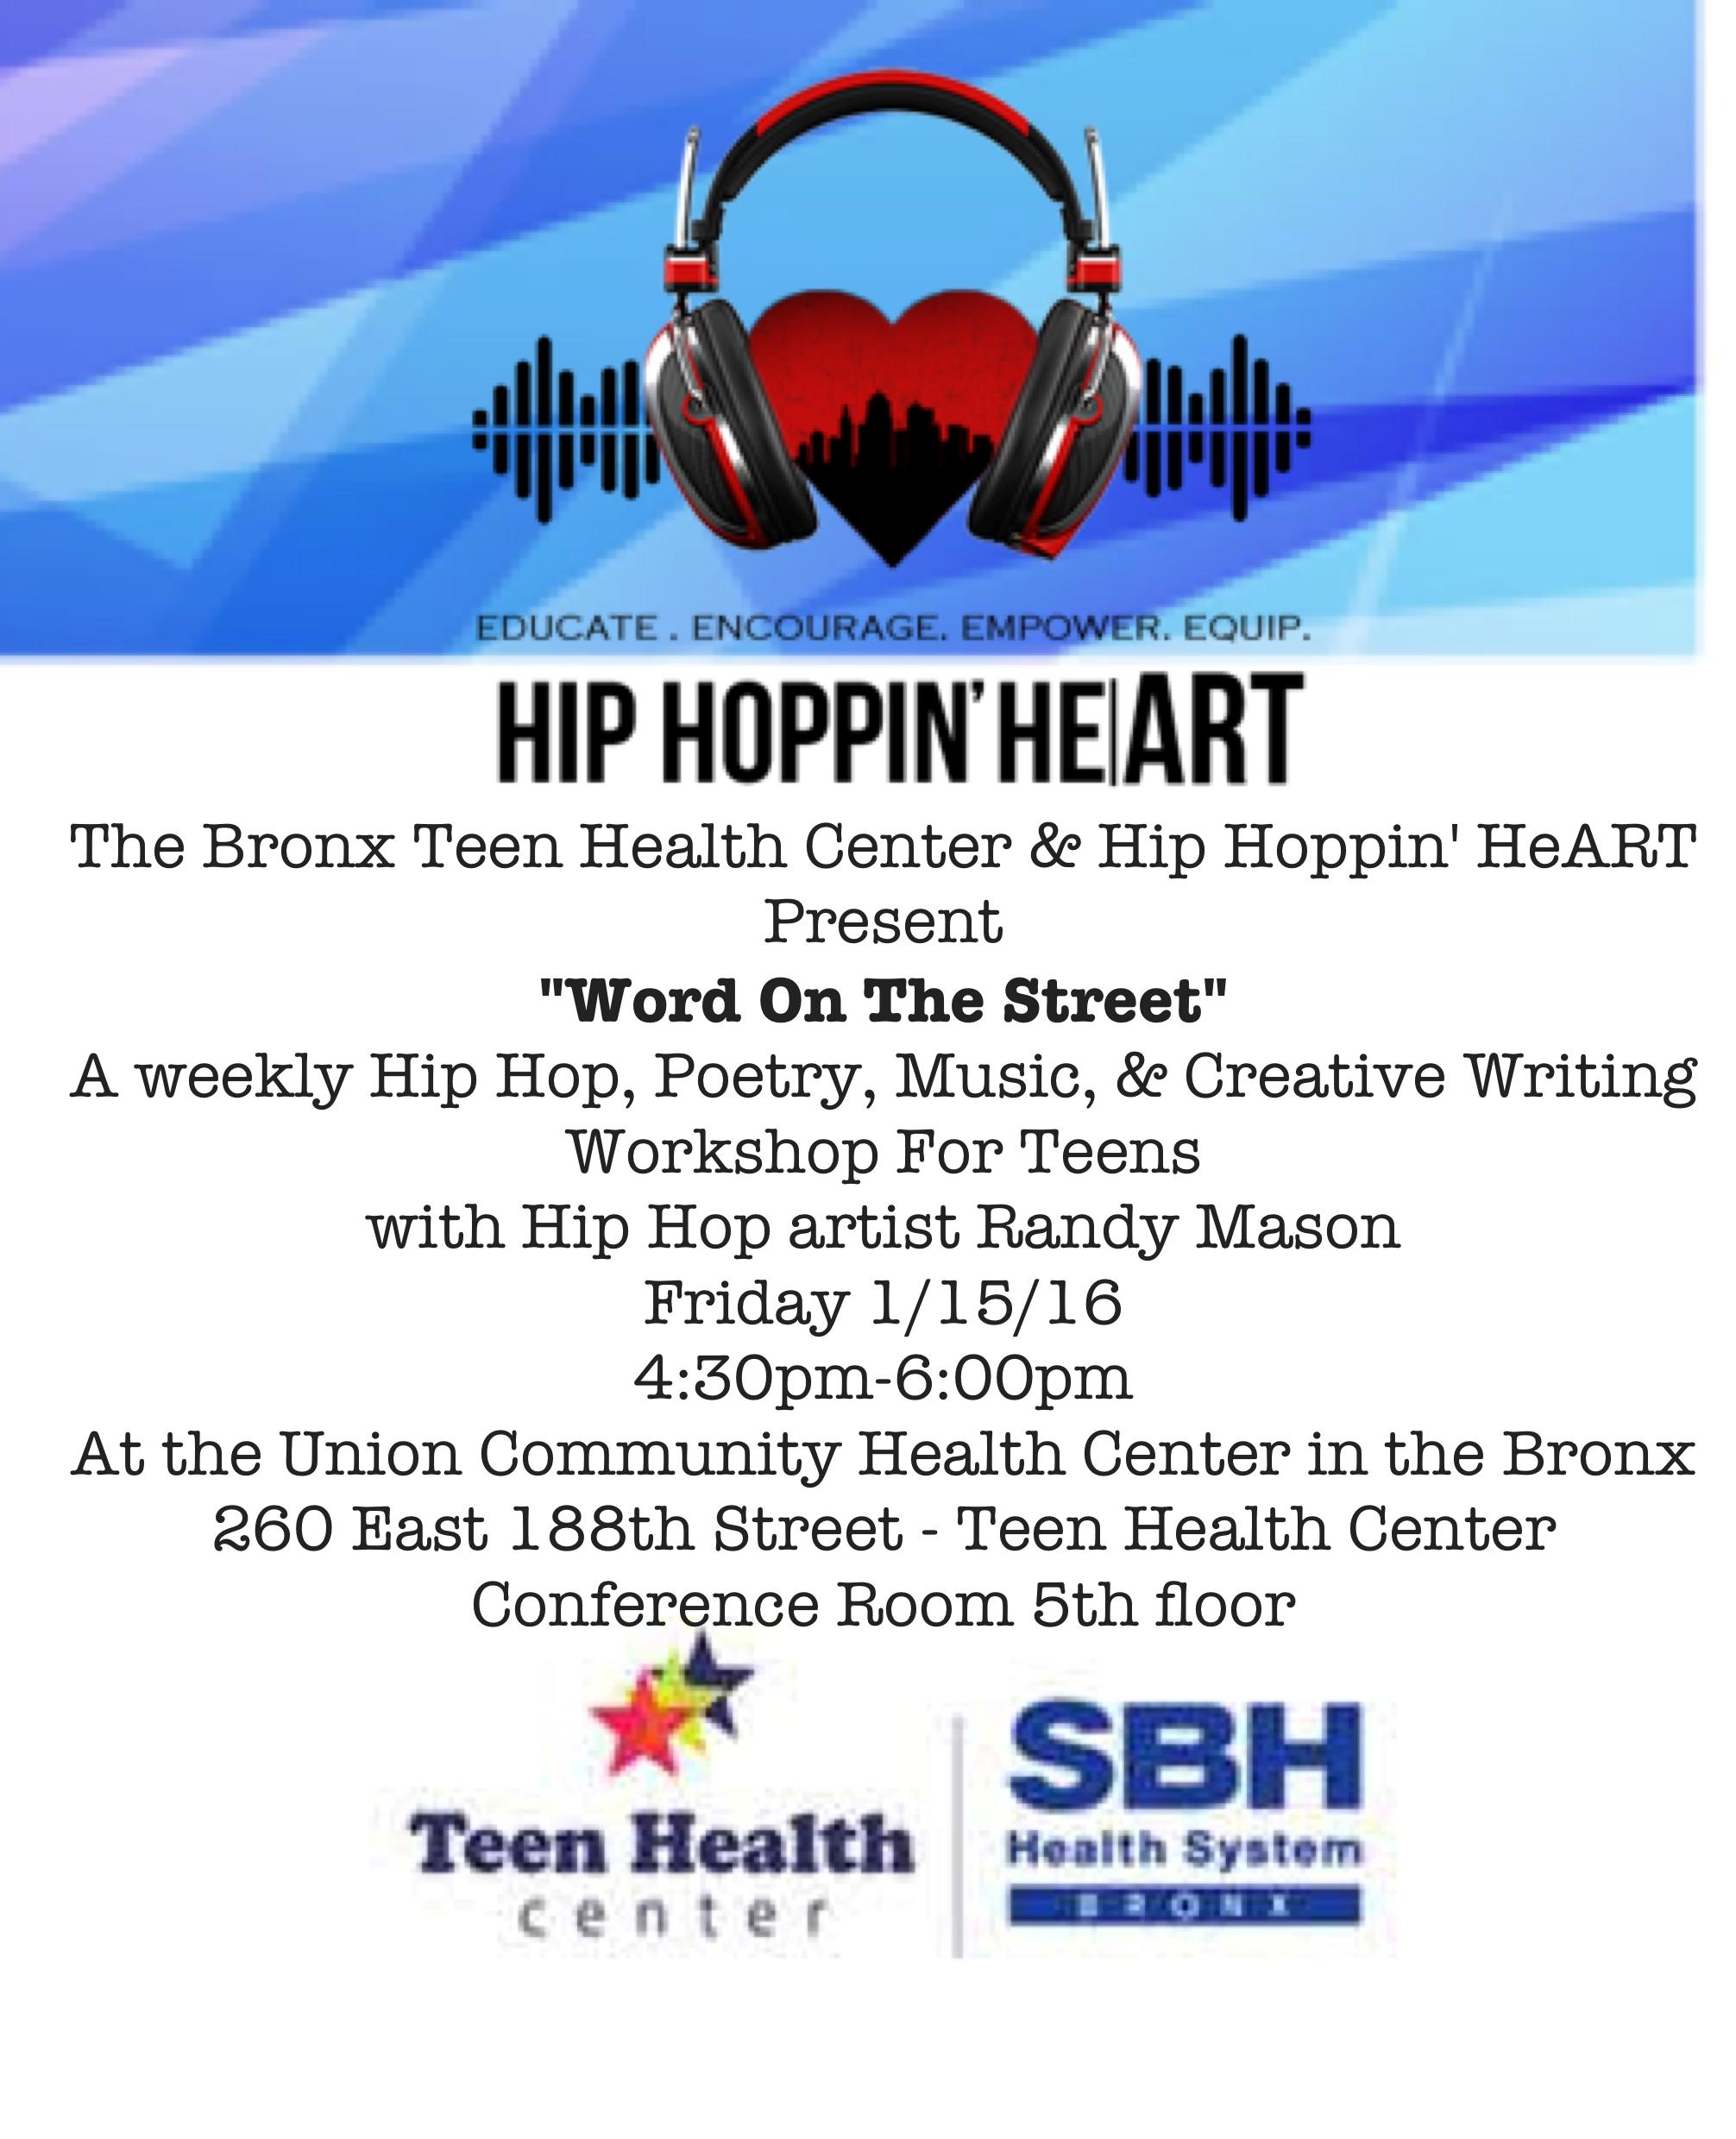 Hip Hop Workshop for Teens